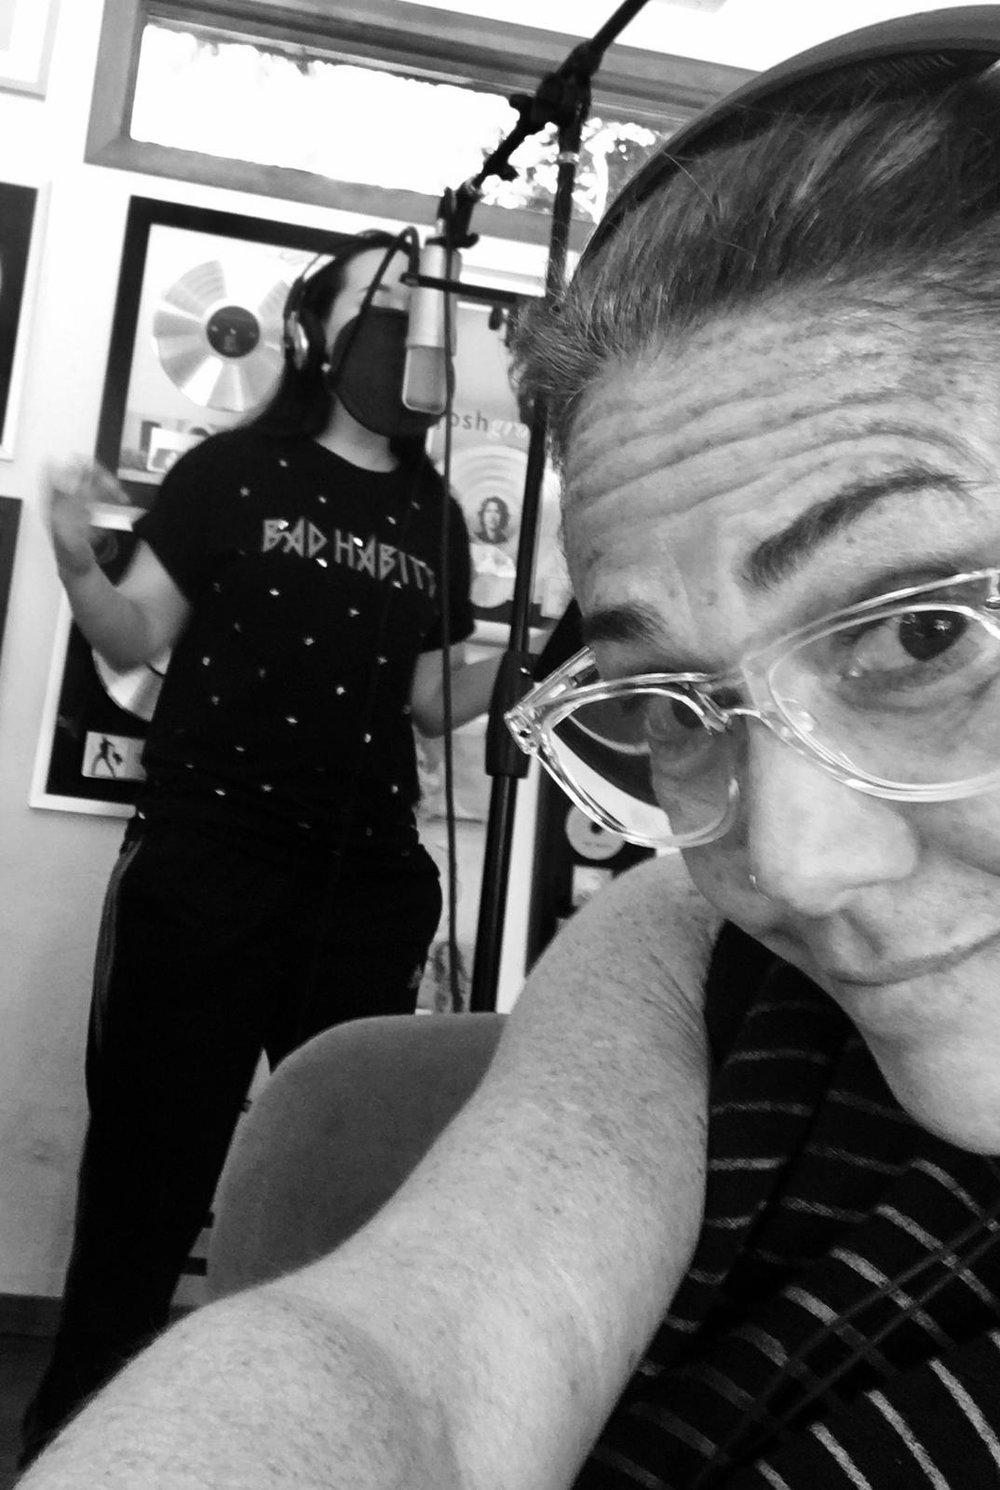 Claudia Brant, Victoria La Mala recording session at the studio